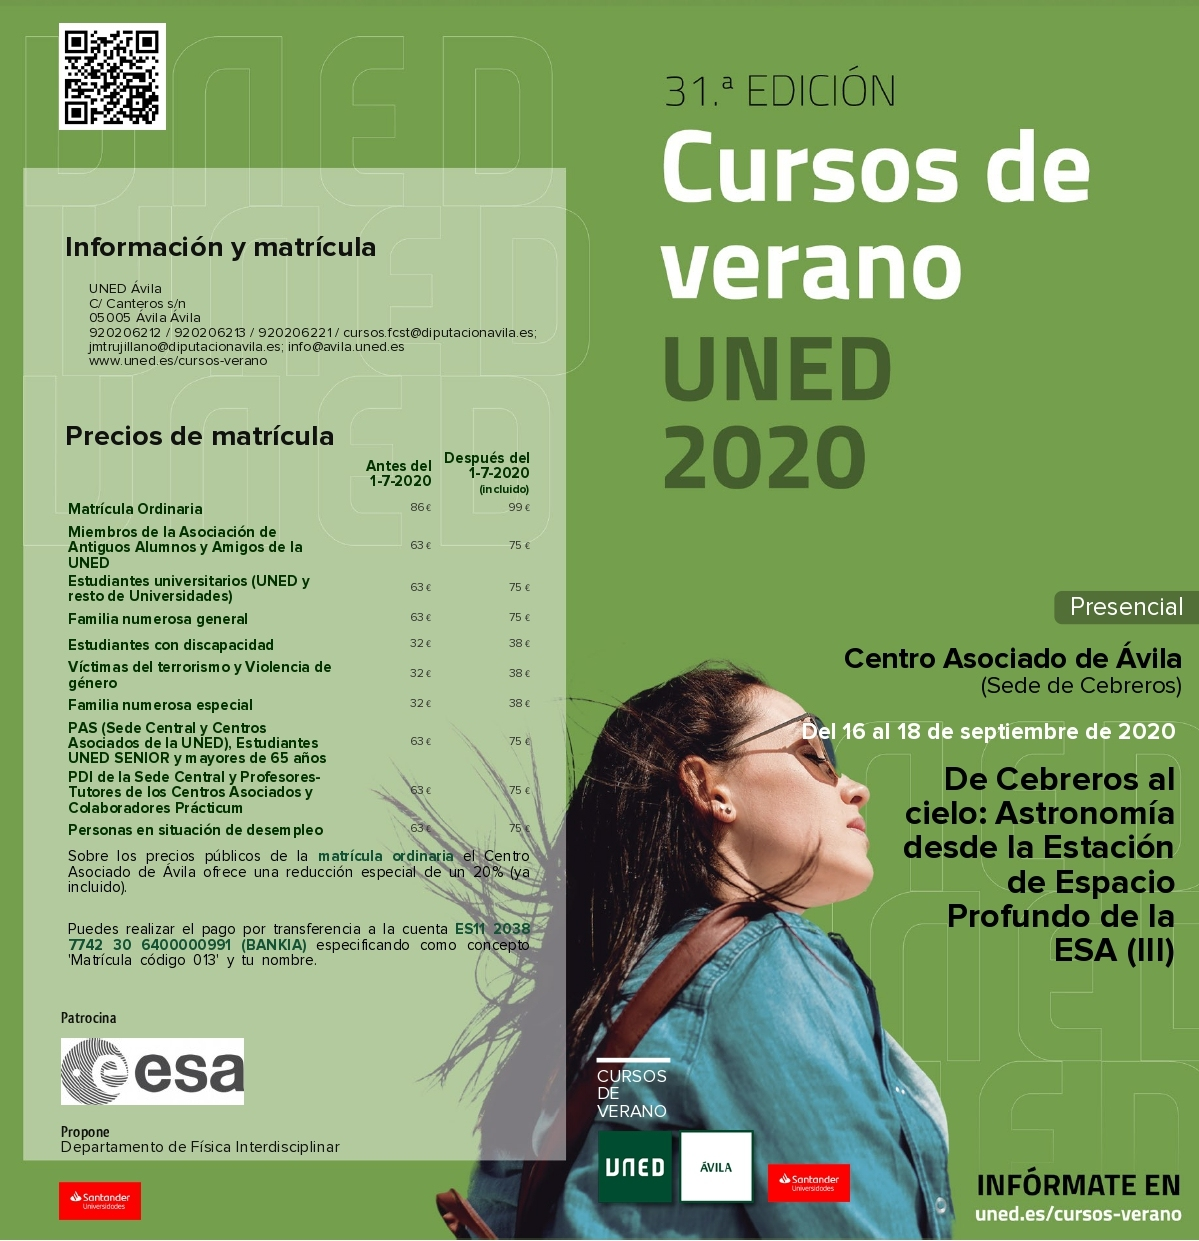 Cursos De Verano De La Uned De Cebreros Al Cielo Ayuntamiento De Cebreros